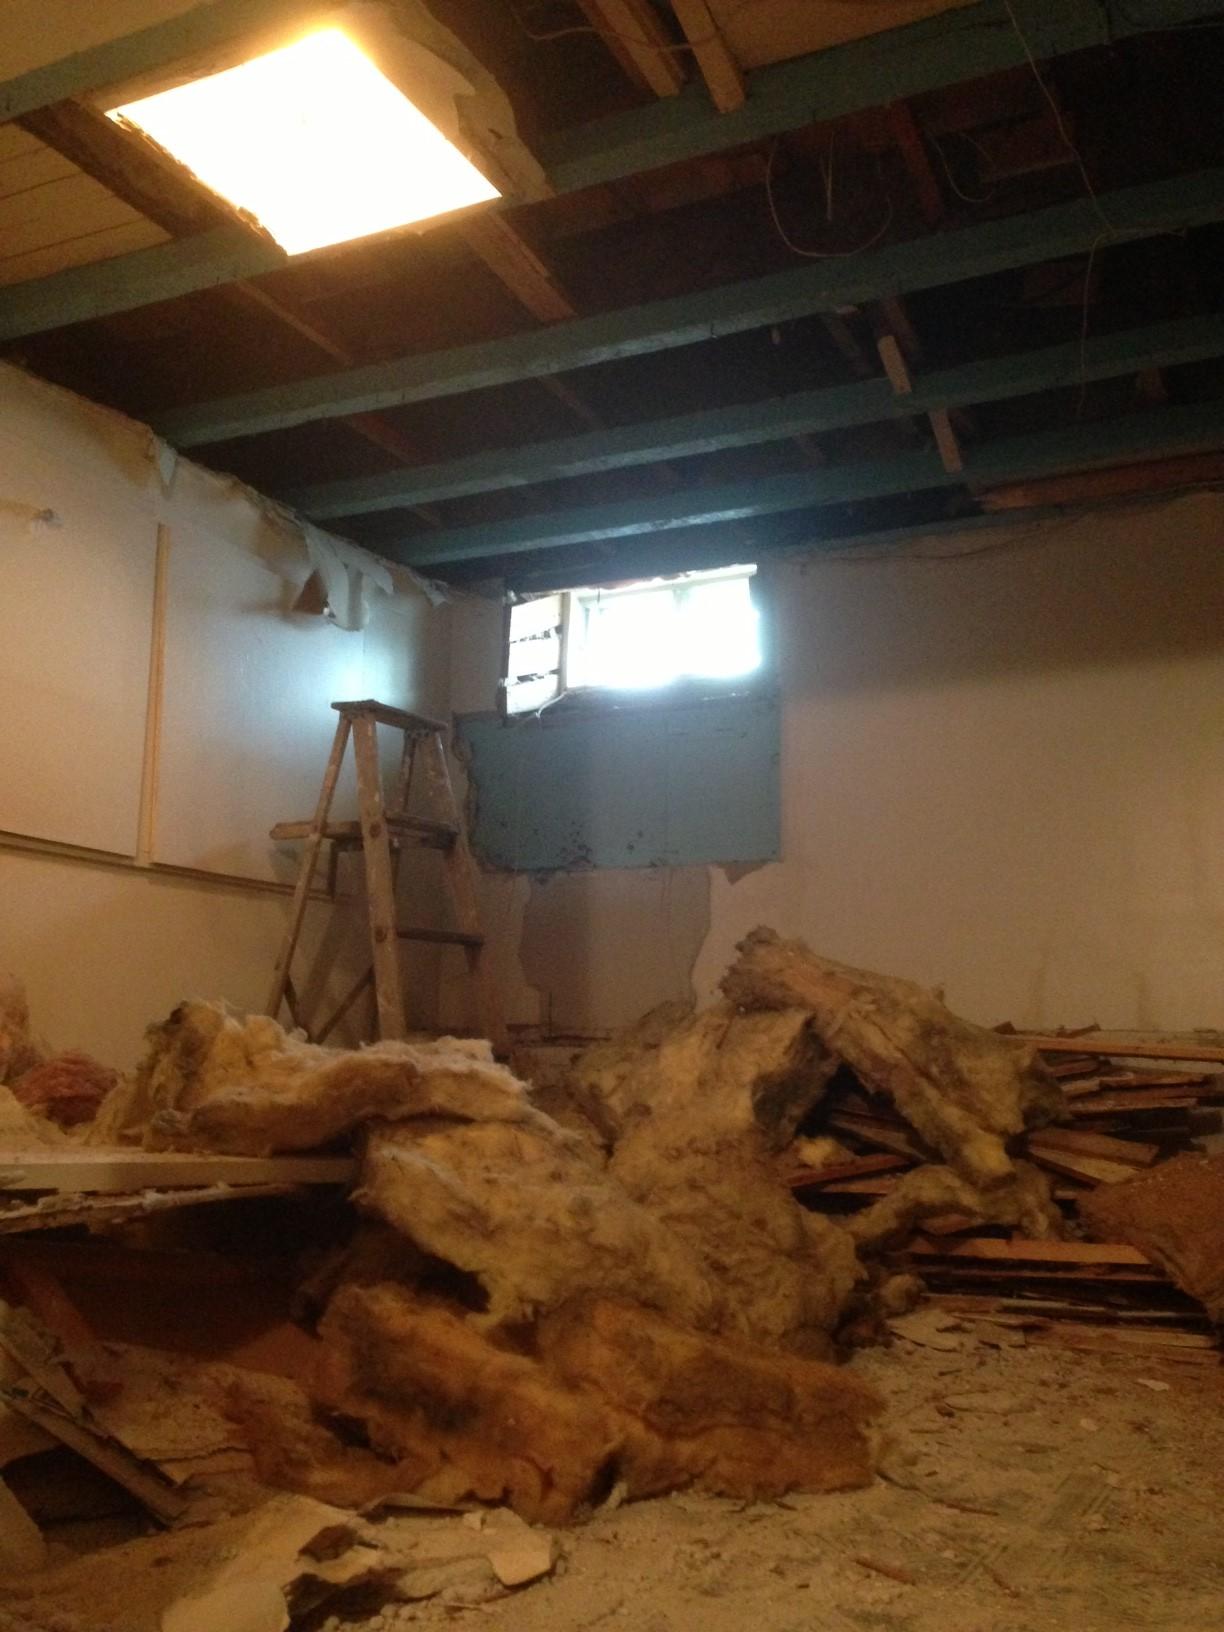 Exposing basement wood beams